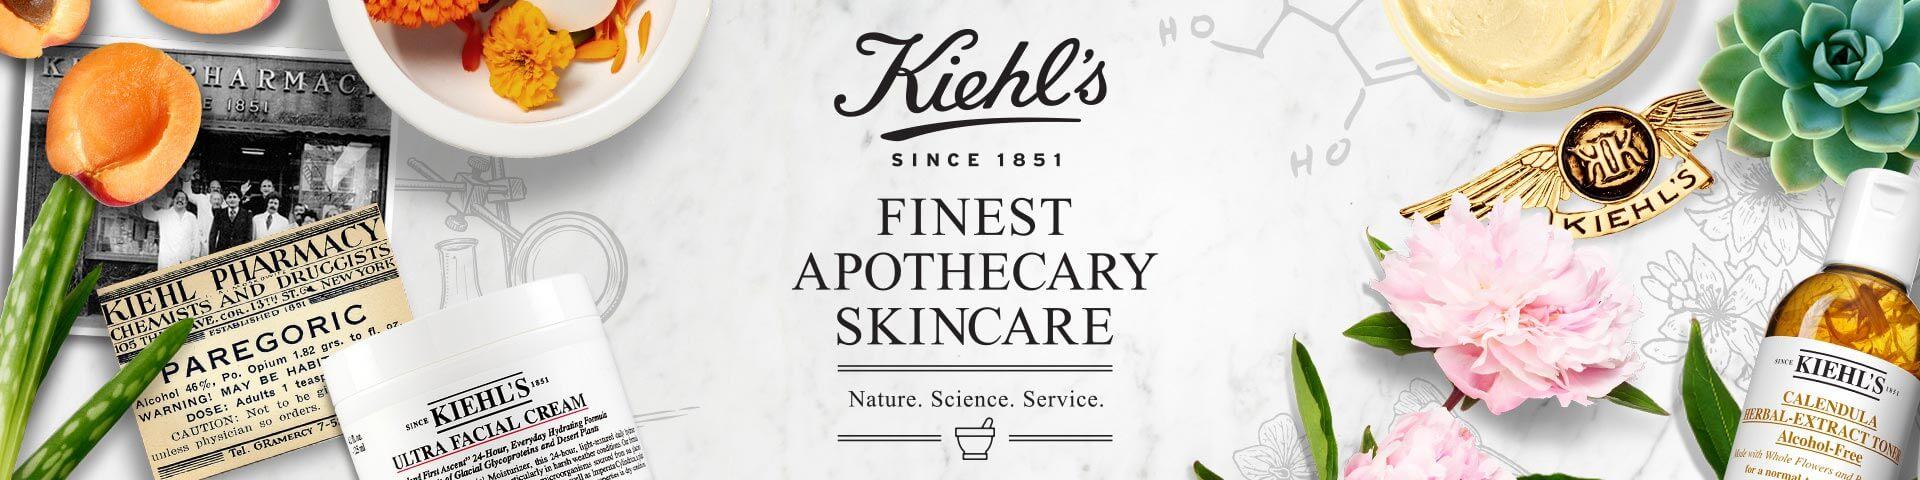 Kiehl's科颜氏必囤经典王牌 - 高保湿面霜&安白瓶,保湿+美白的高性价比组合!(附海淘攻略+优惠码+8%返利)